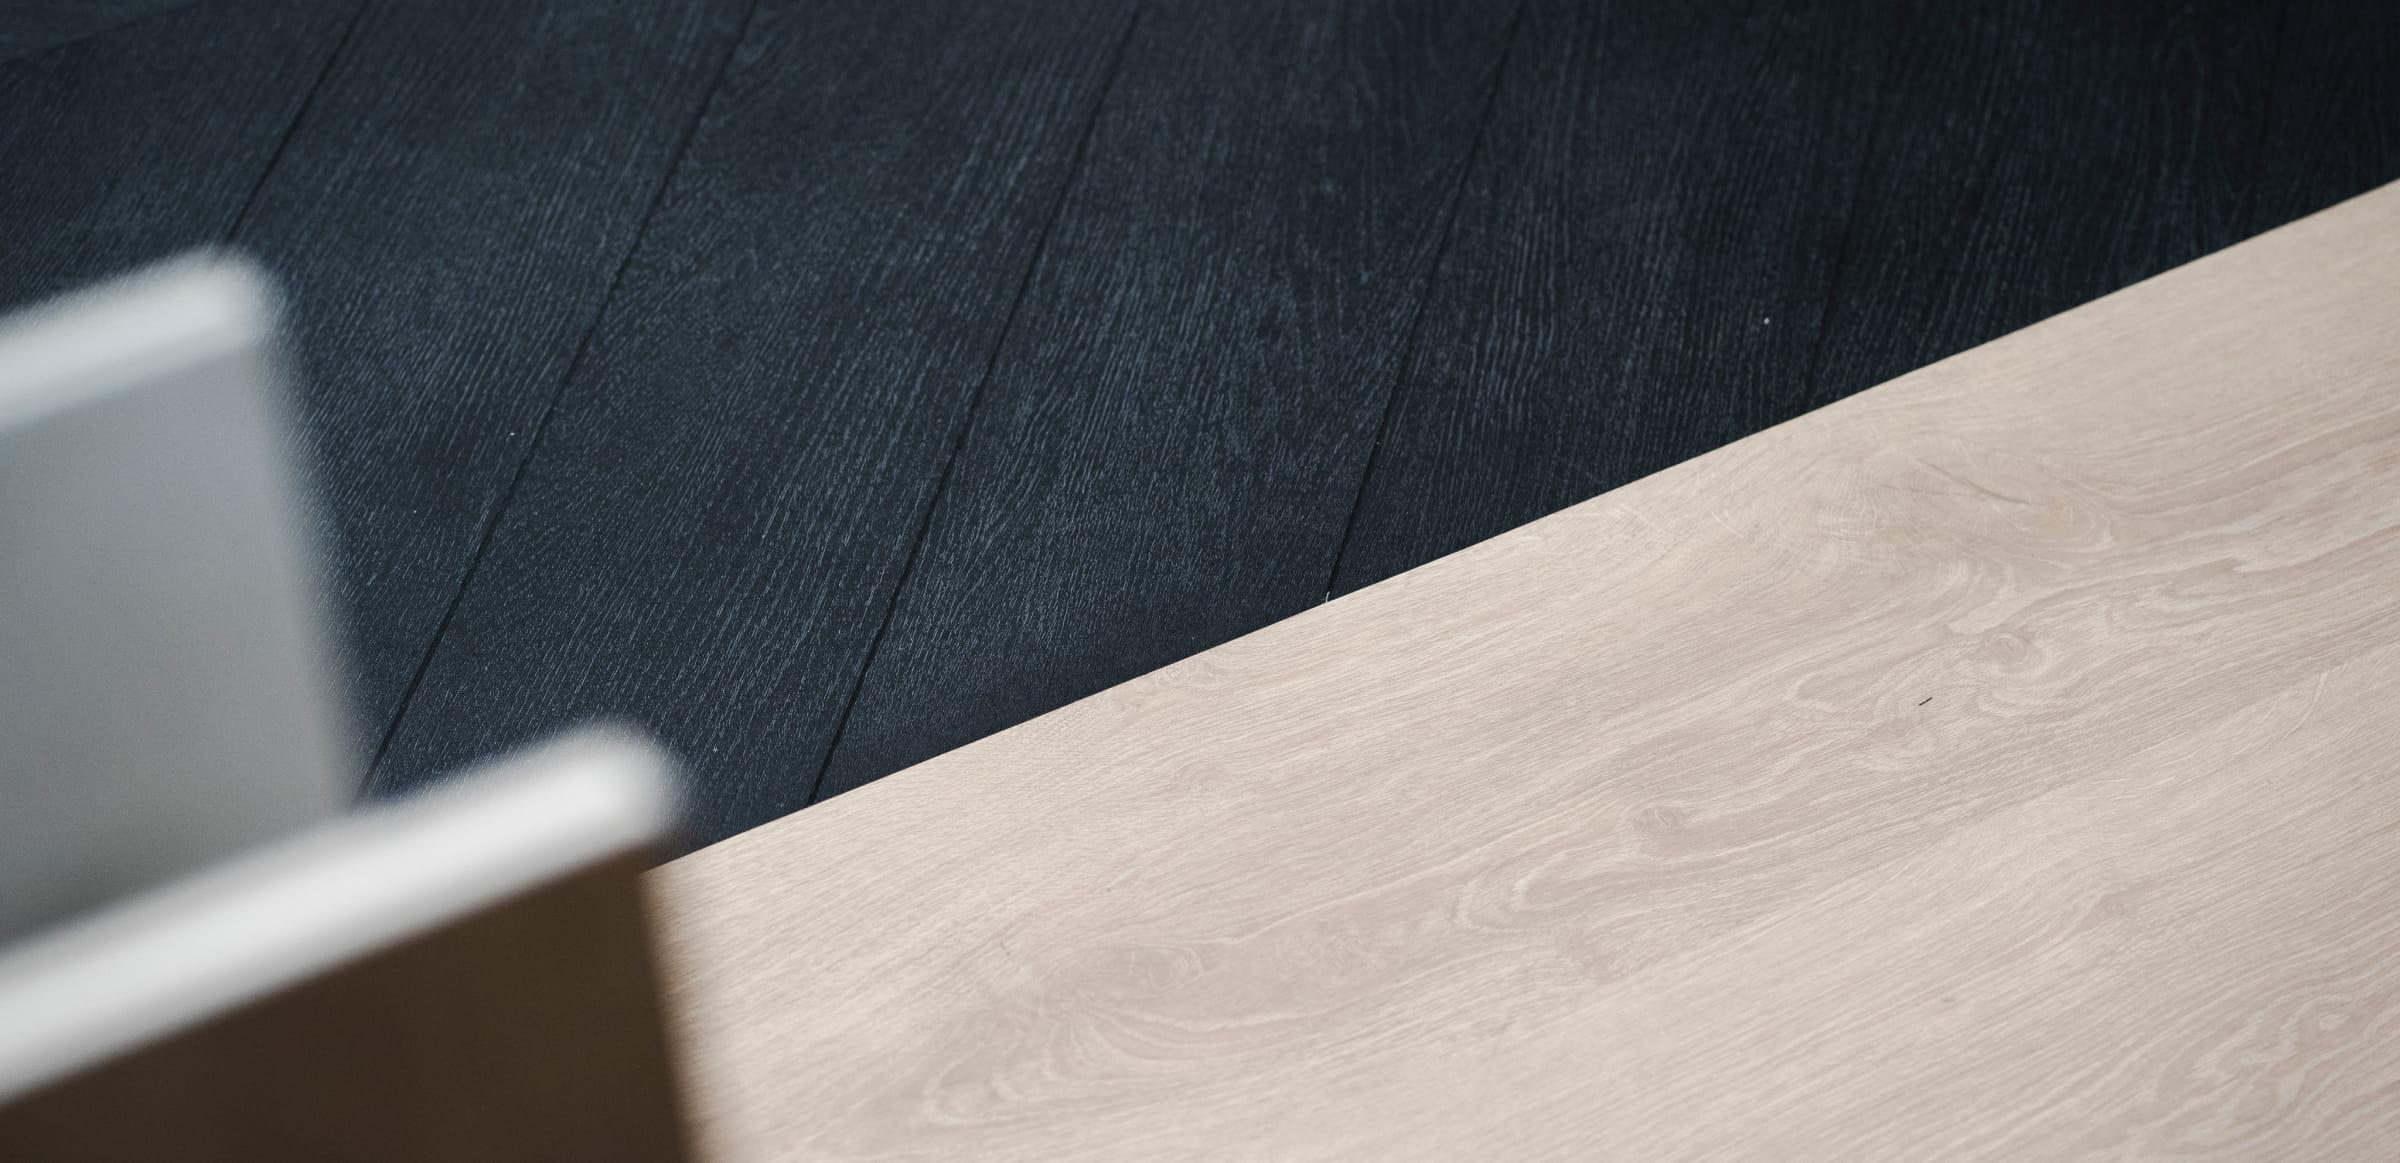 Voorbeeld van PVC vloer donker en licht